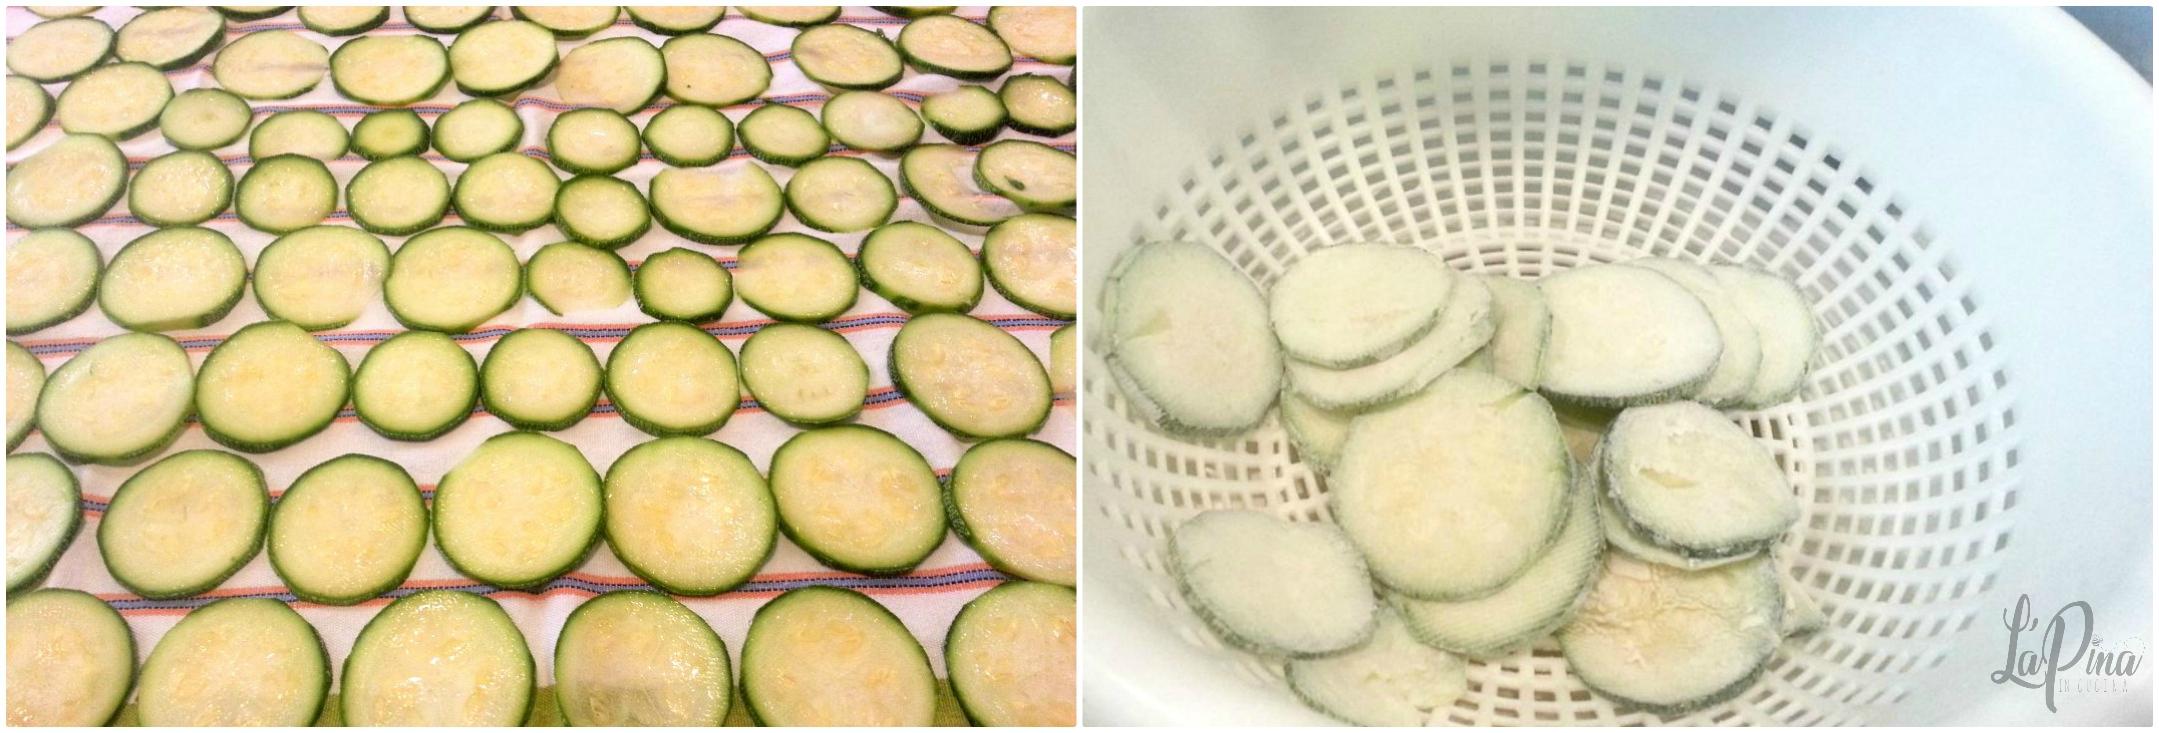 Zucchine fritte collage